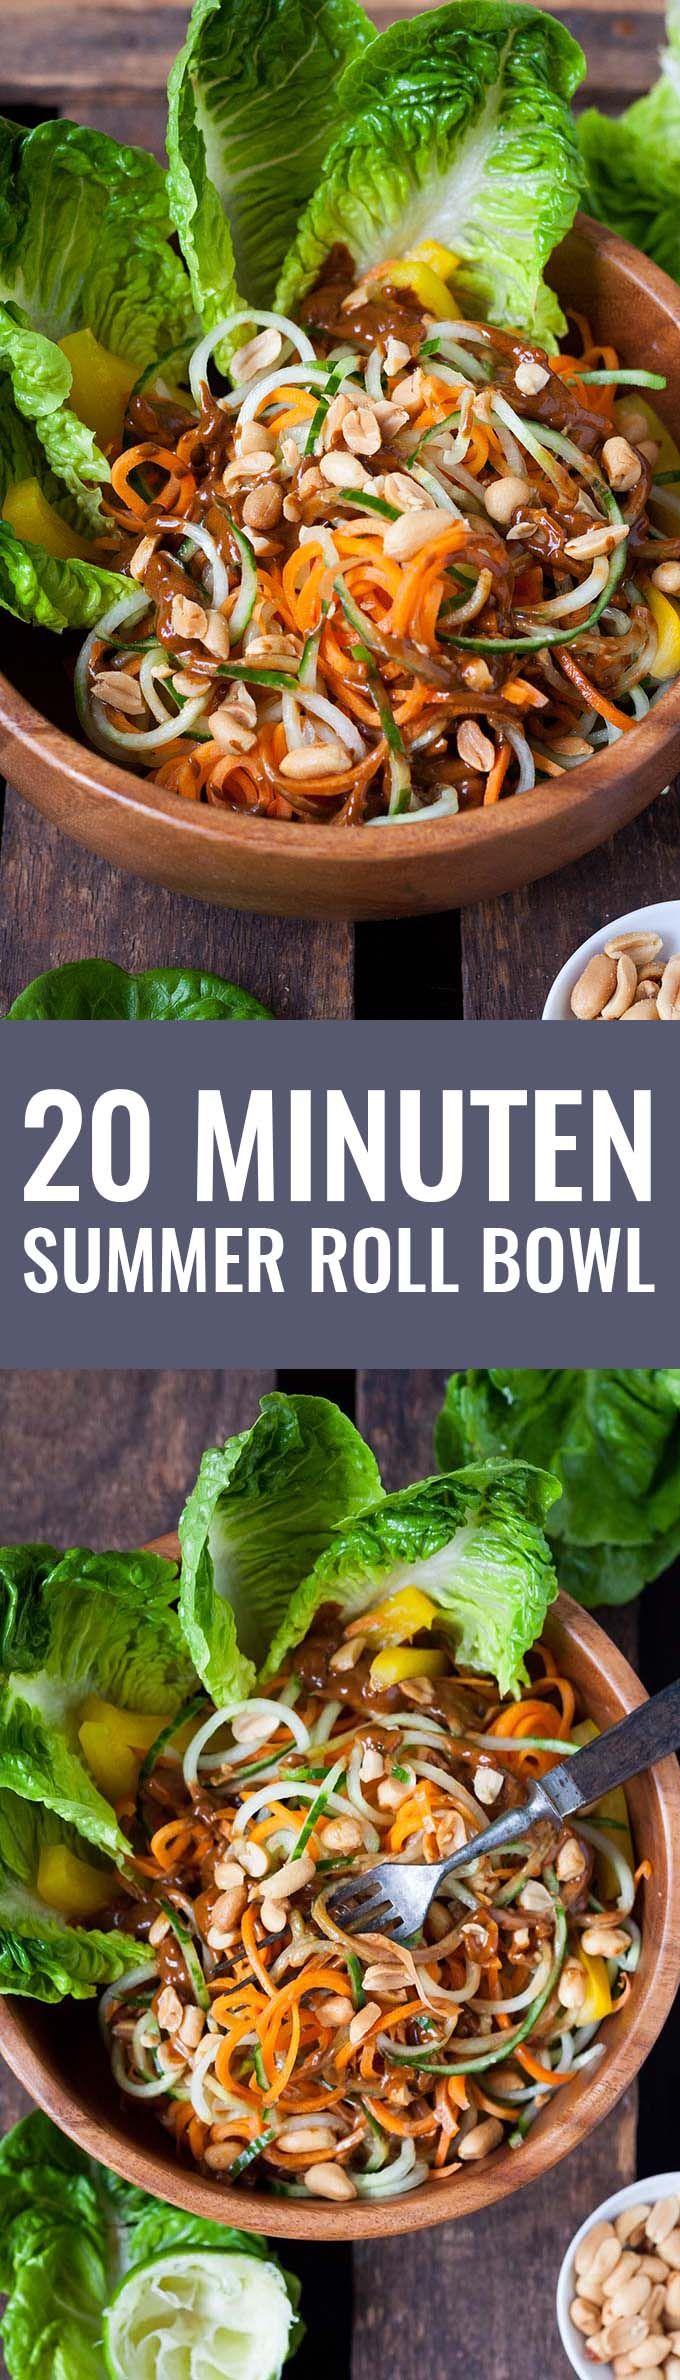 20 Minuten Summer Roll Bowl – Kochkarussell.com